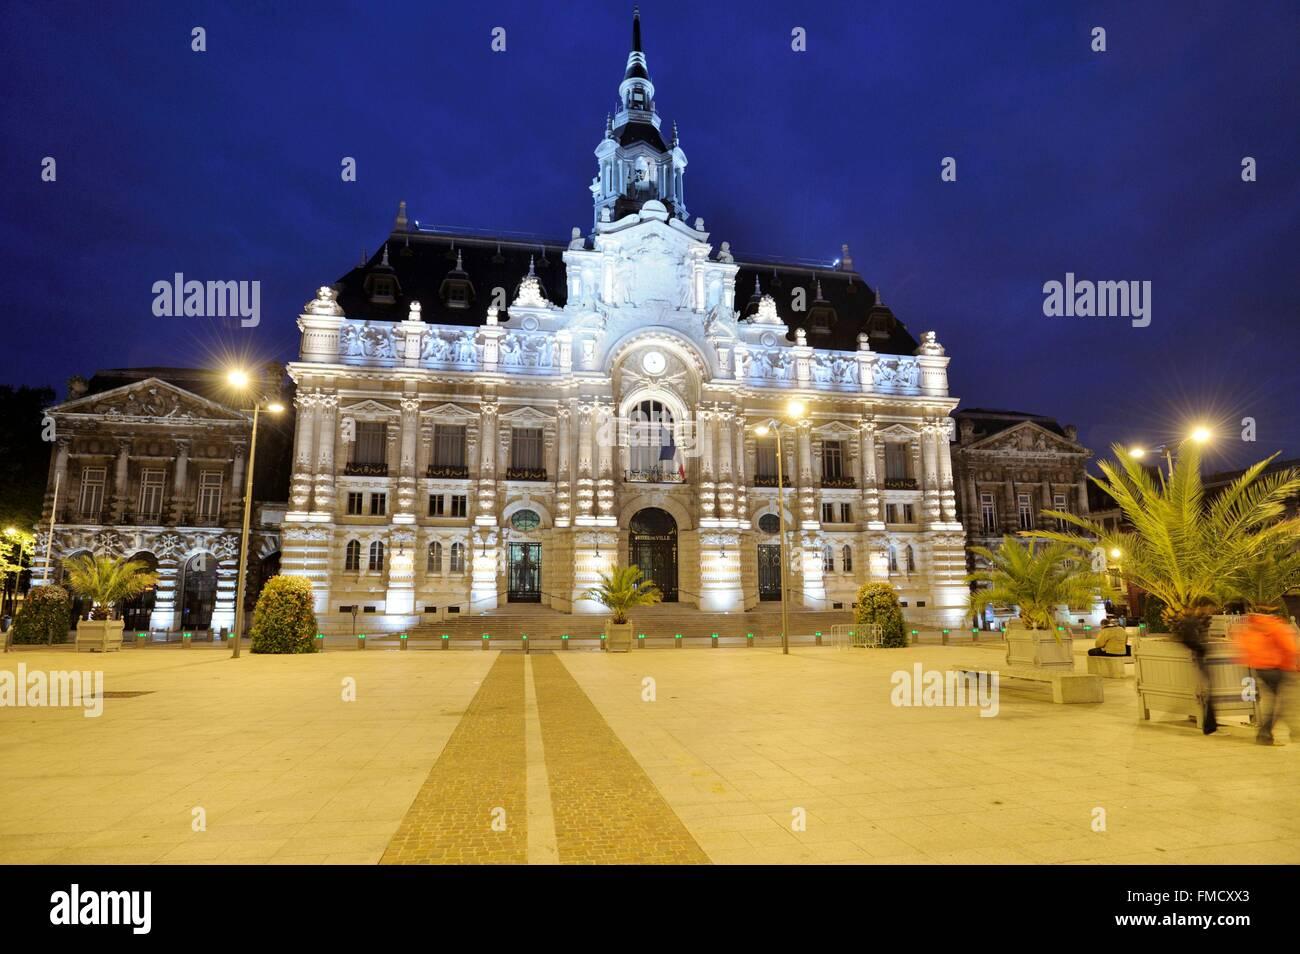 Francia, Nord, Roubaix, la fachada del ayuntamiento iluminada por la noche Imagen De Stock